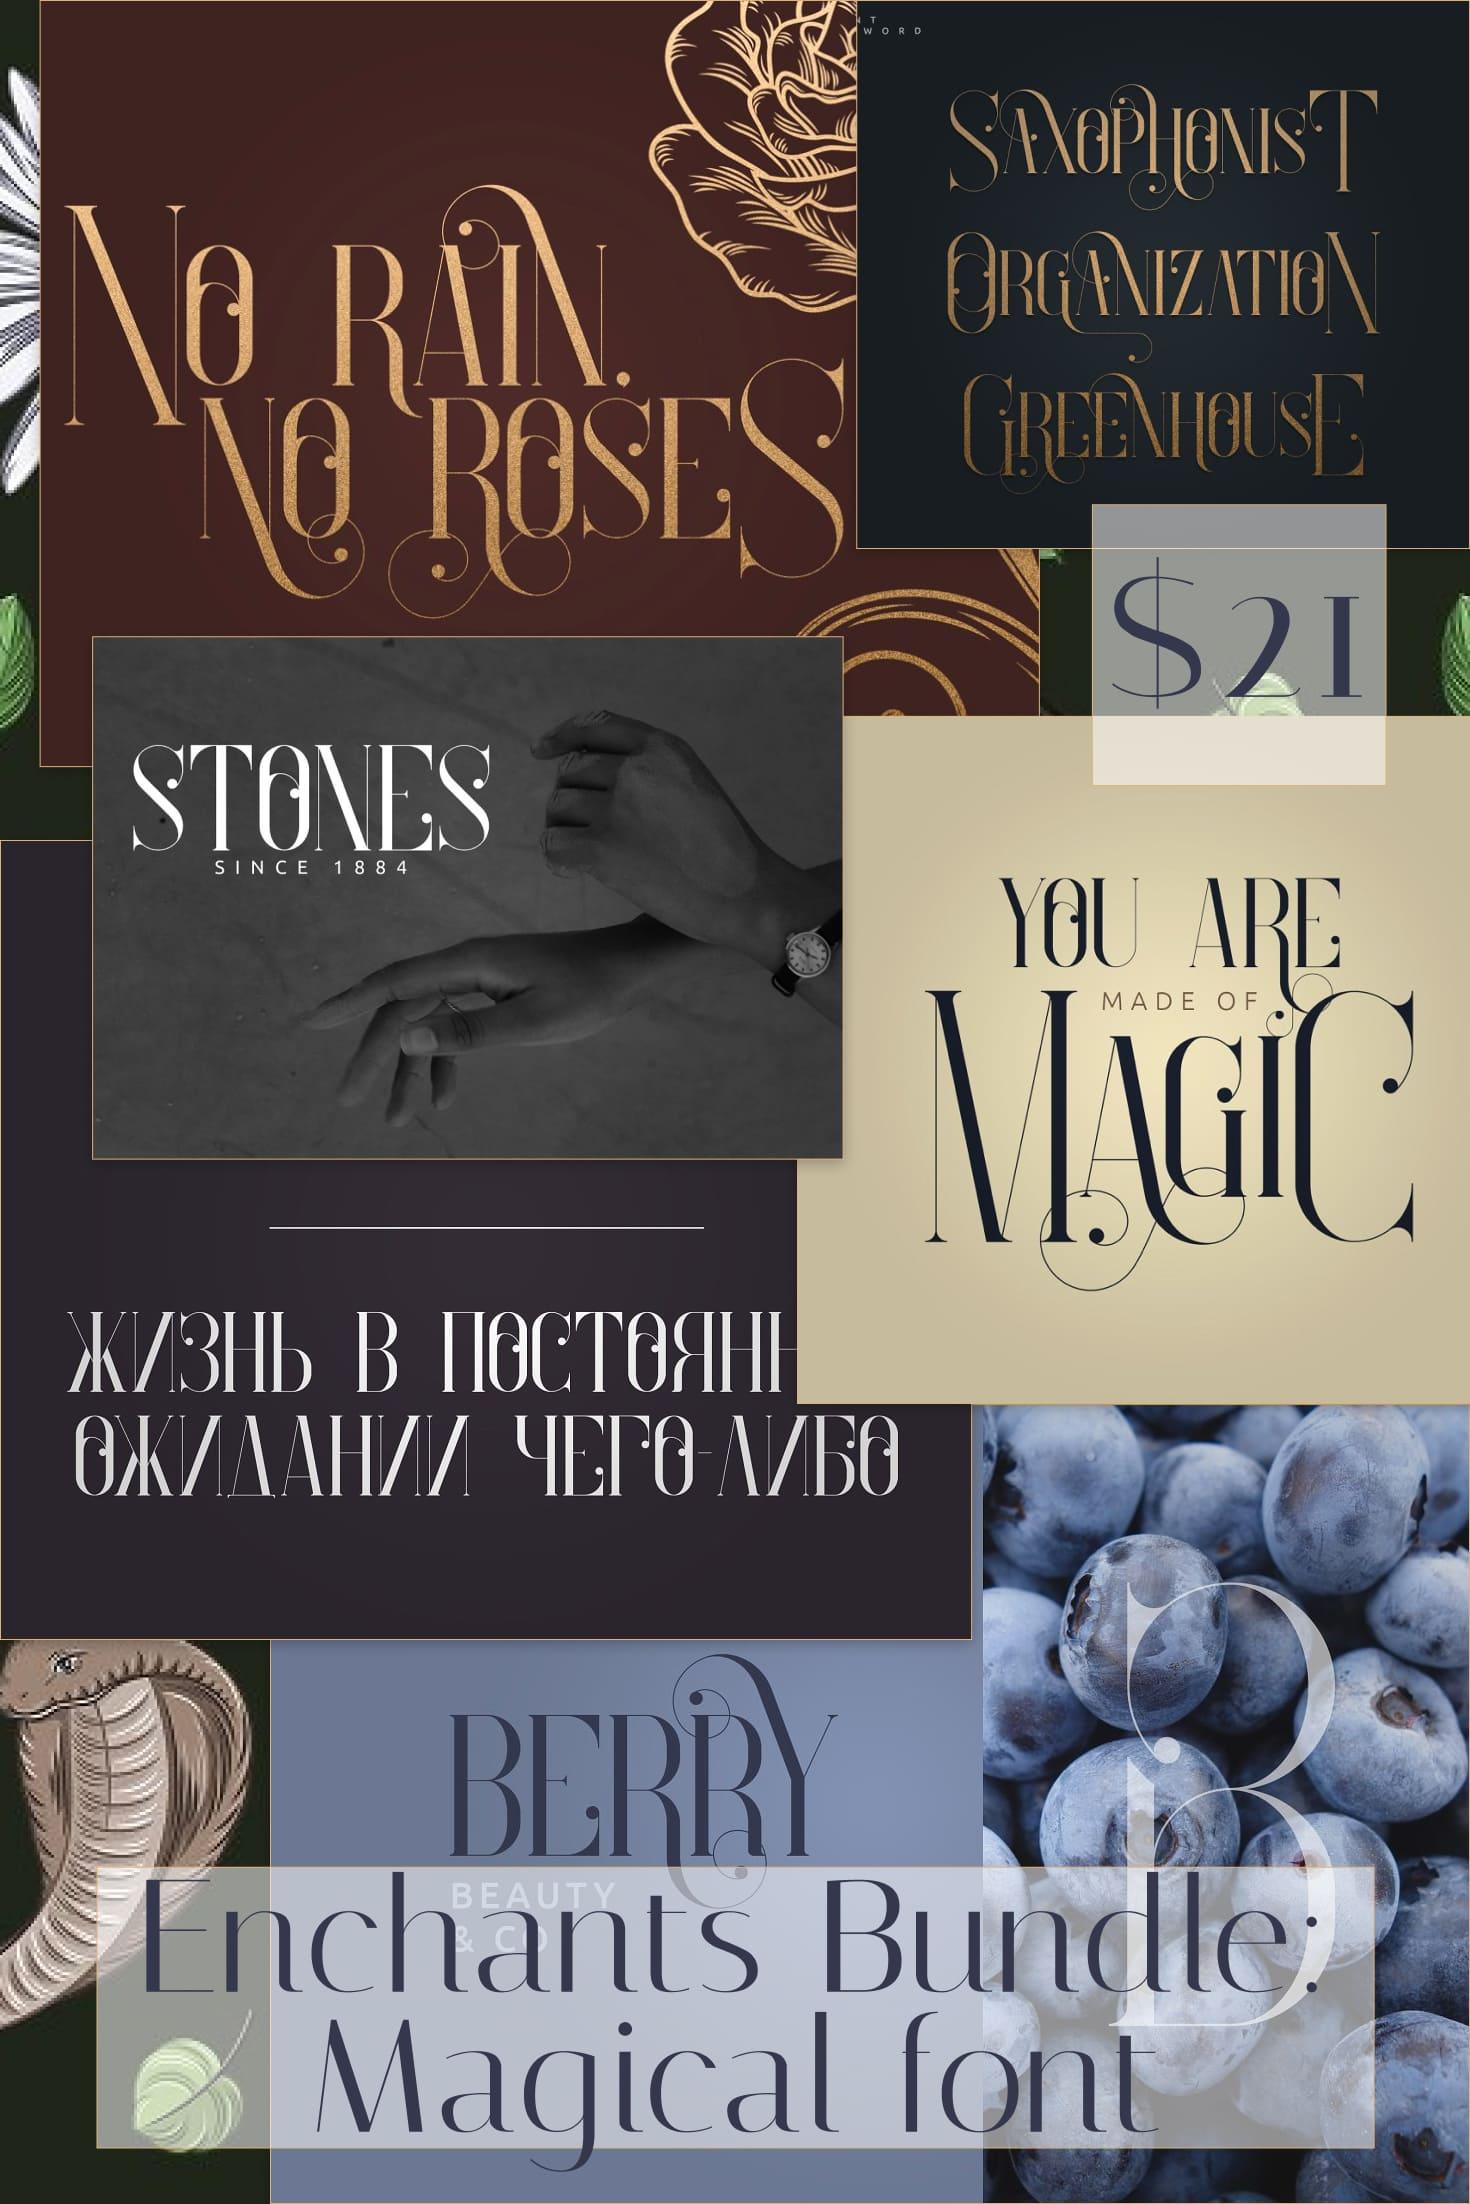 Pinterest Image: Enchants Bundle: Magical font +  Animal Designs + Nature Elements.